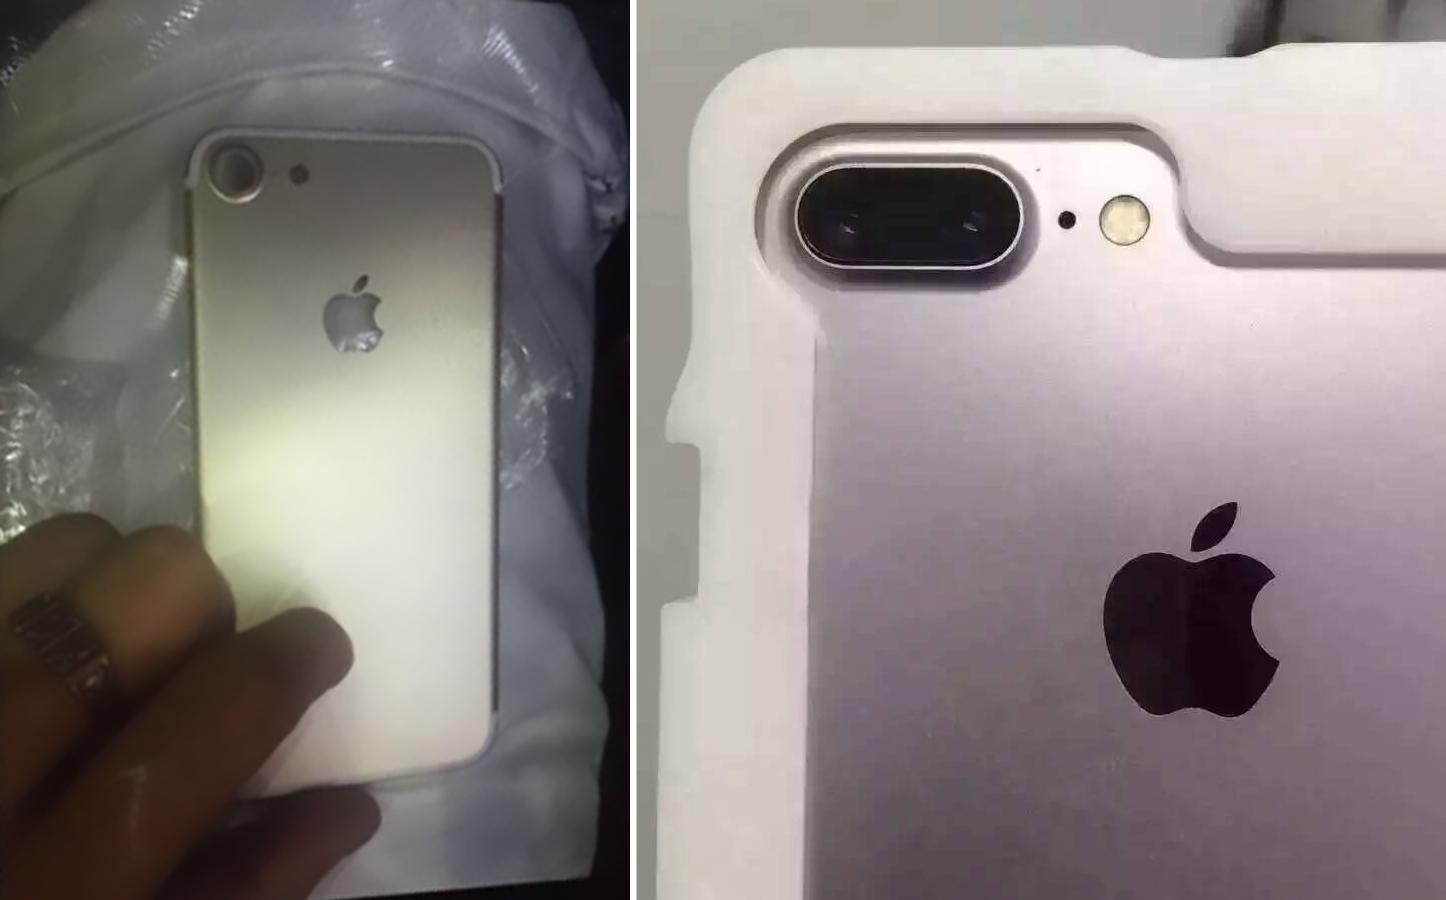 iphone7-7plus-case-photos.jpg